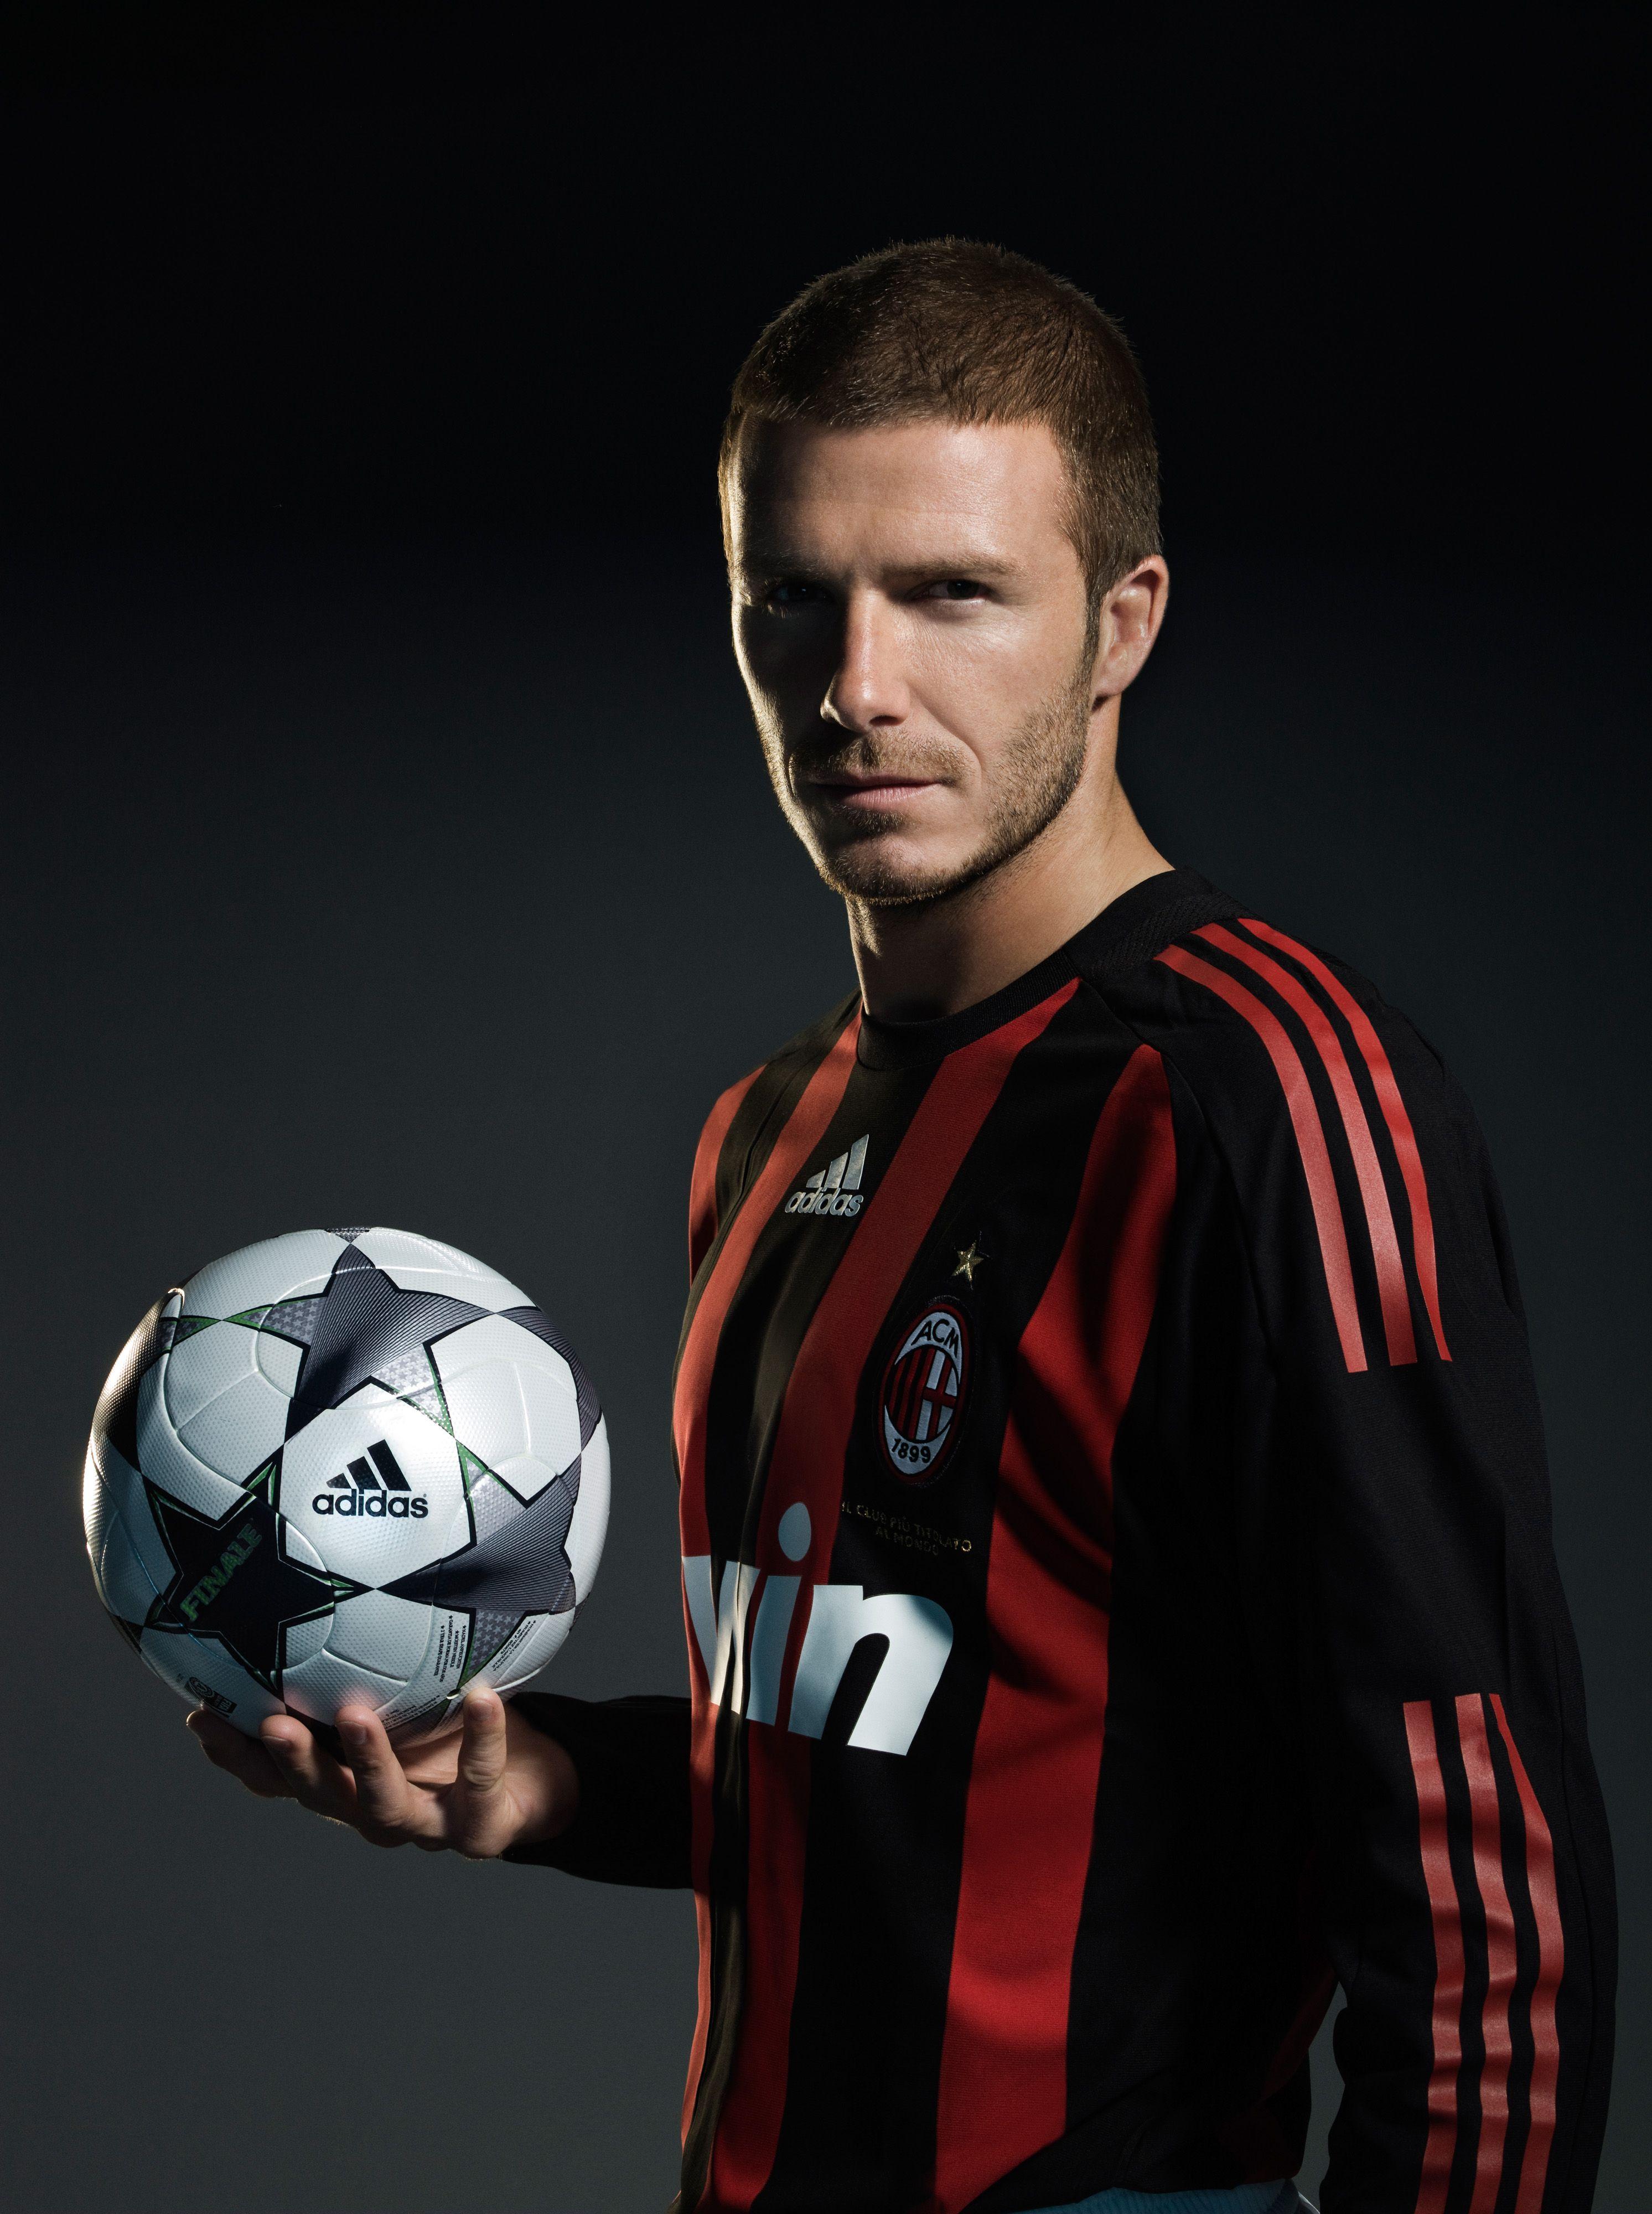 David Beckham AC Milan photoshoot 2008 Soccer poses